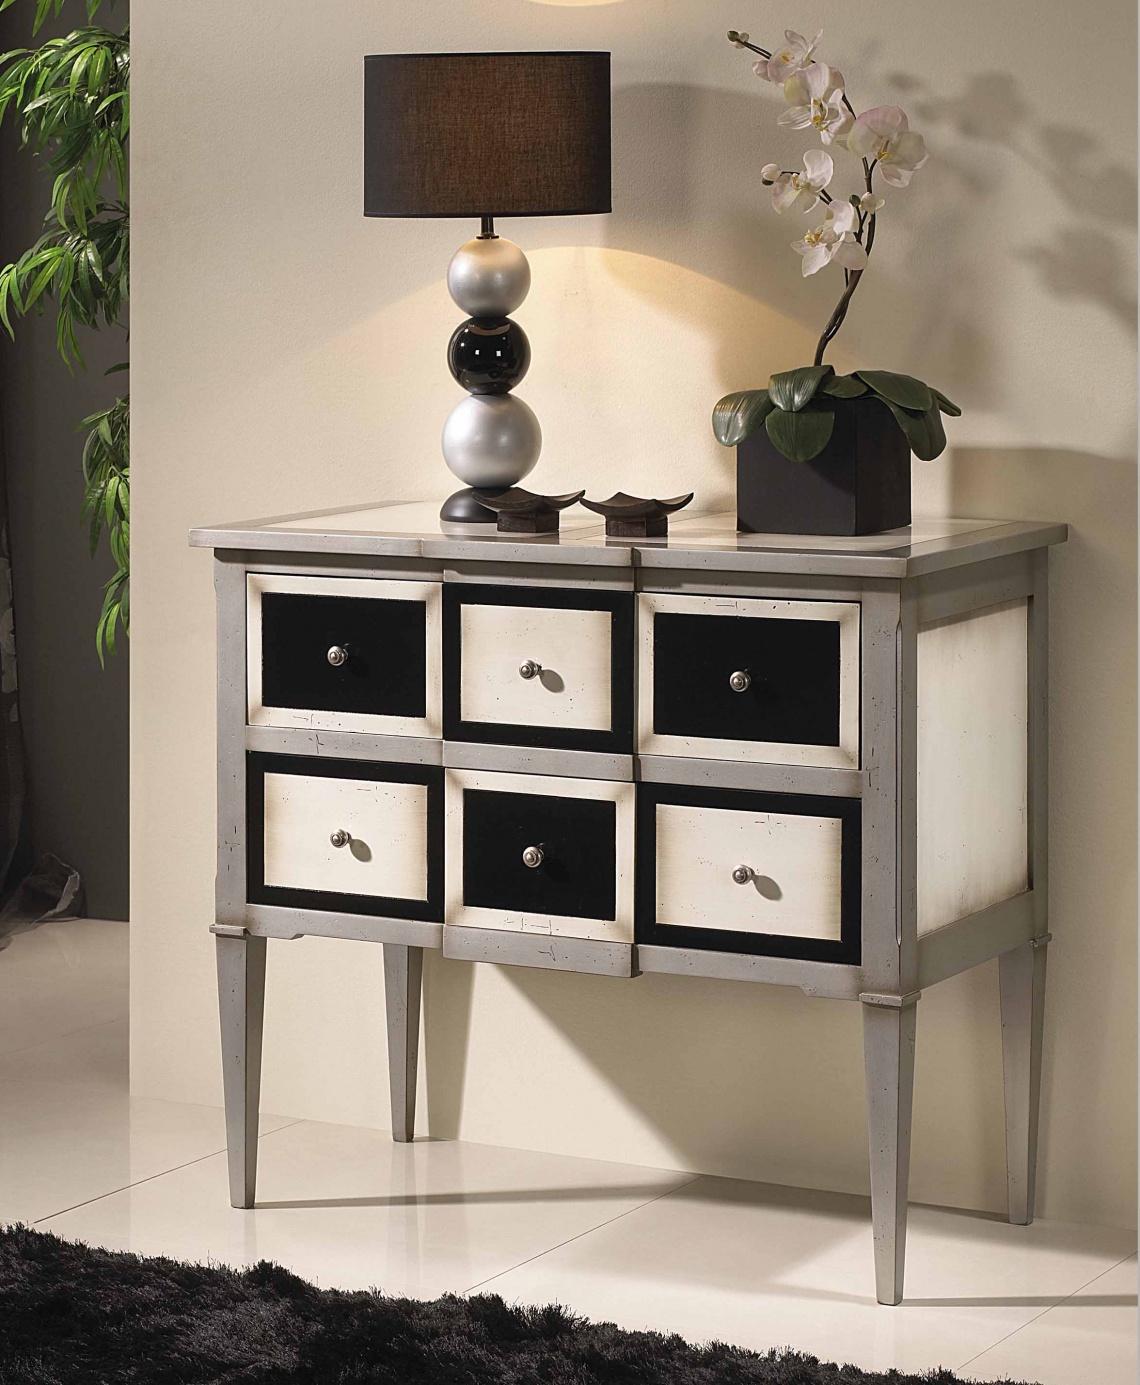 Ref 553 comoda categor a peque o mobiliario estilo - Mobiliario y estilo ...